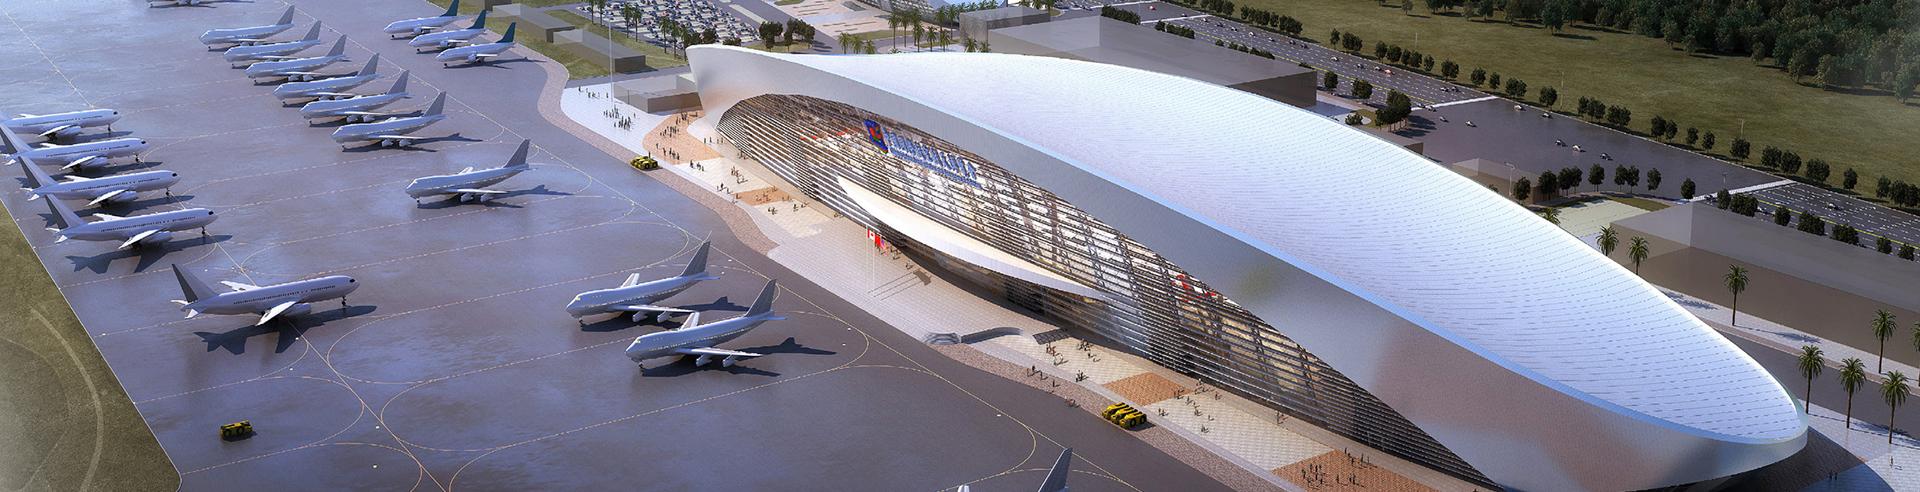 珠海国际航展中心主展馆